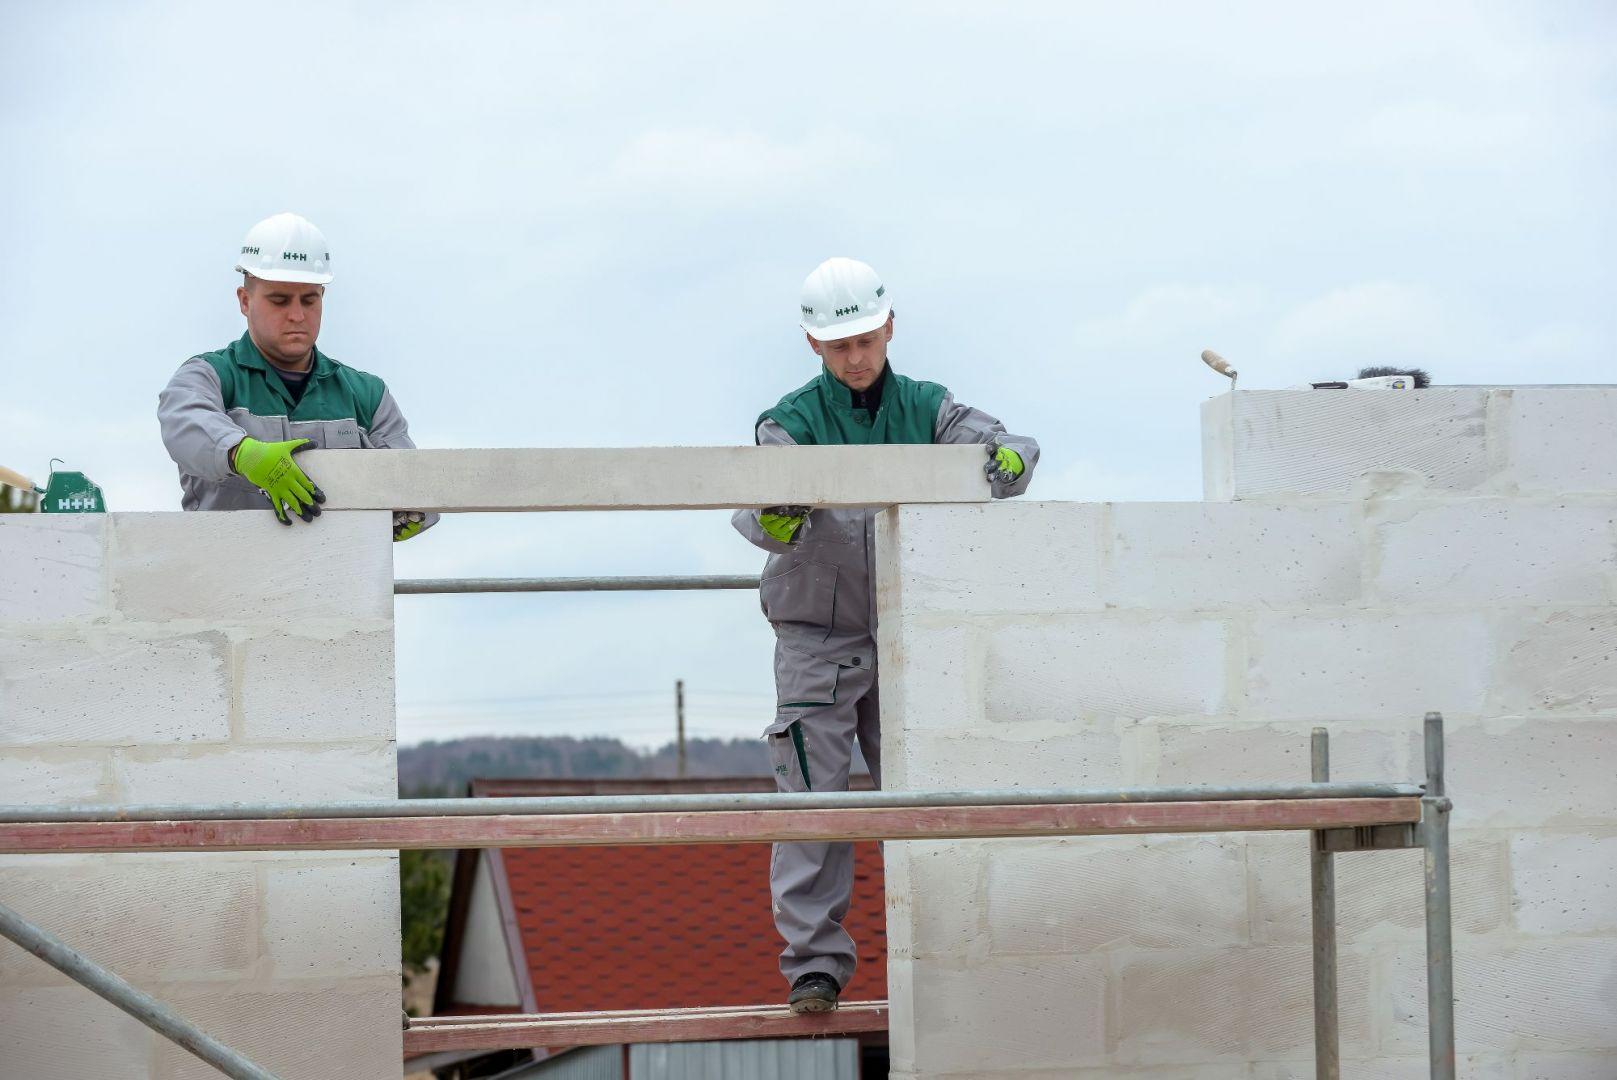 Nadproża stanowią istotny element konstrukcyjny każdego budynku. Ich podstawowym zadaniem jest wzmocnienie konstrukcji ściany w miejscach otworów okiennych bądź drzwiowych. Fot. H+H